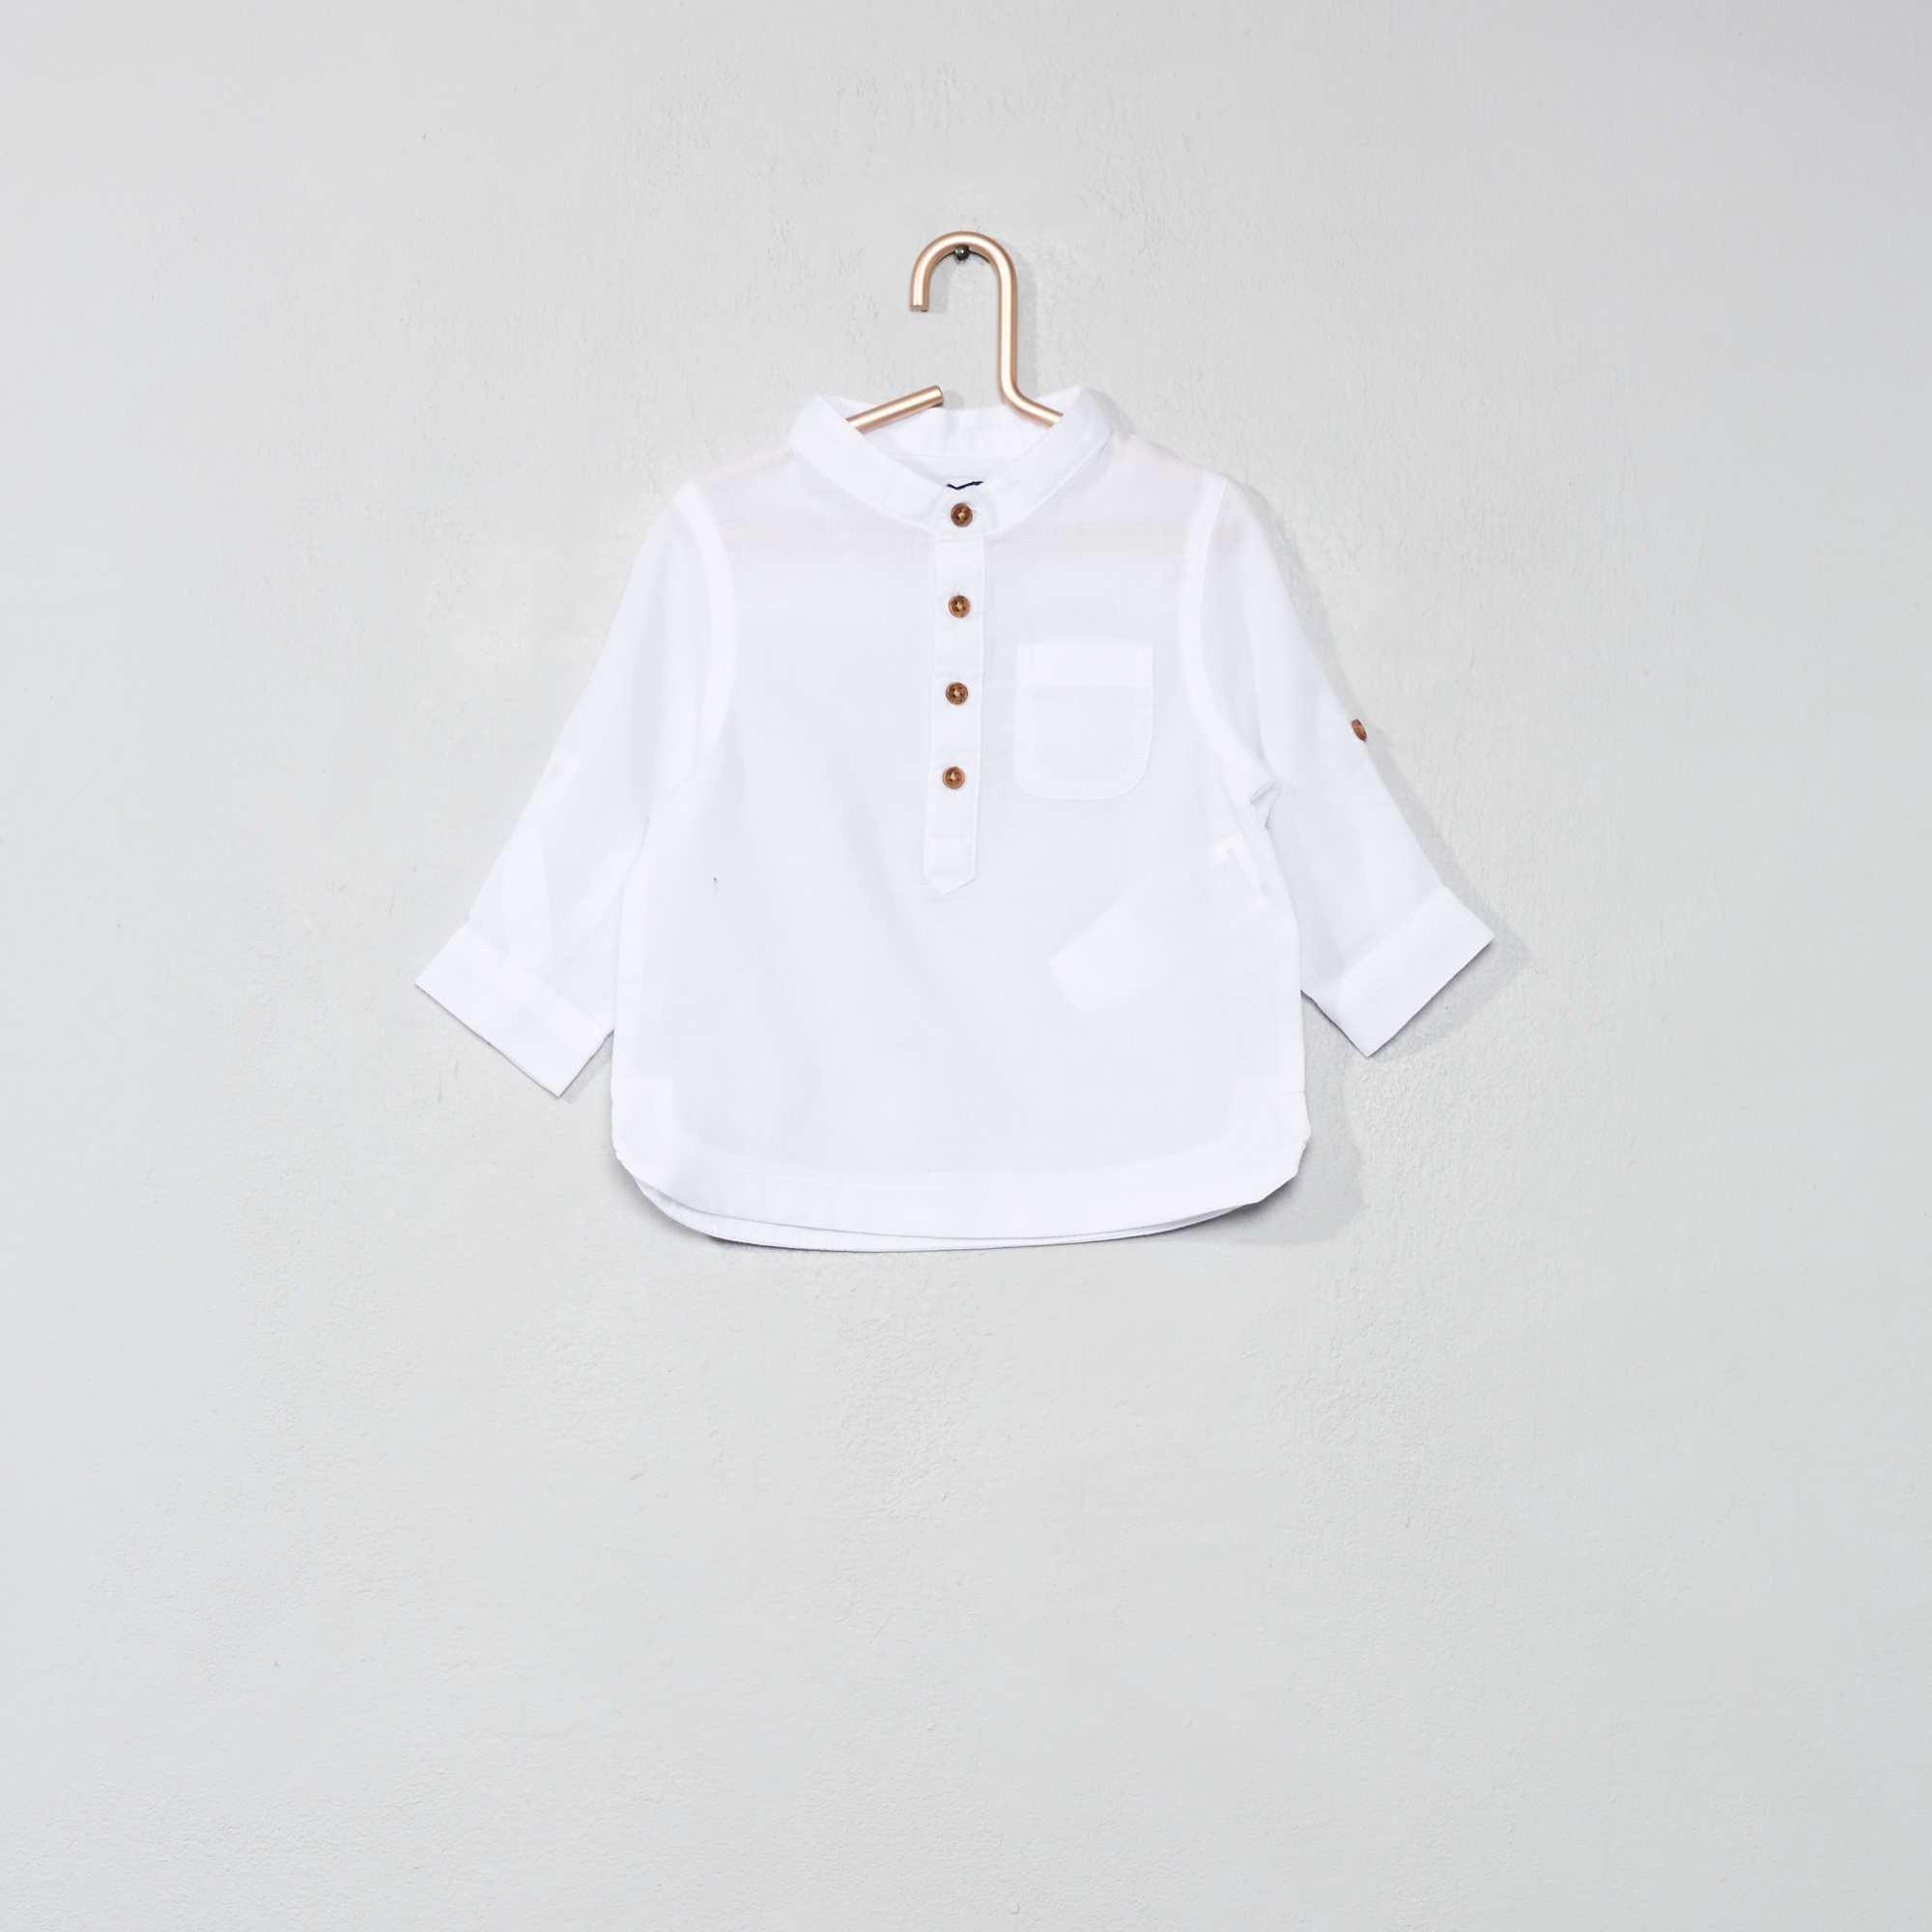 7d549b1910d0 Camisa de gasa de algodón con cuello mao blanco Bebé niño. Loading zoom